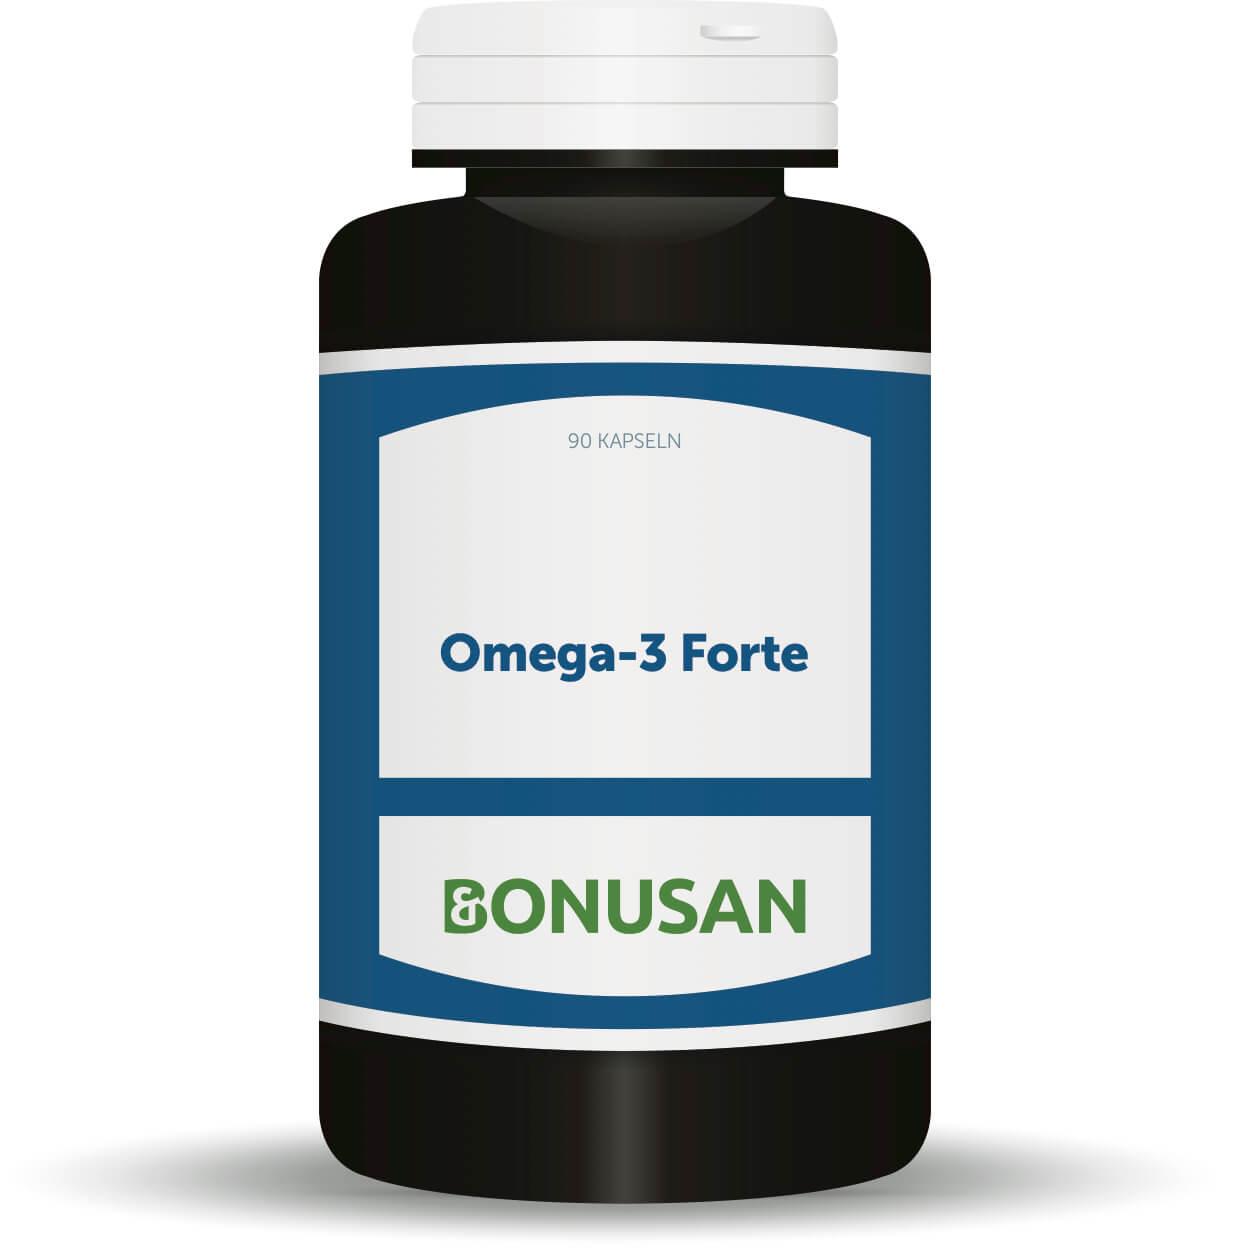 Omega-3 Forte (MSC-C-54613)